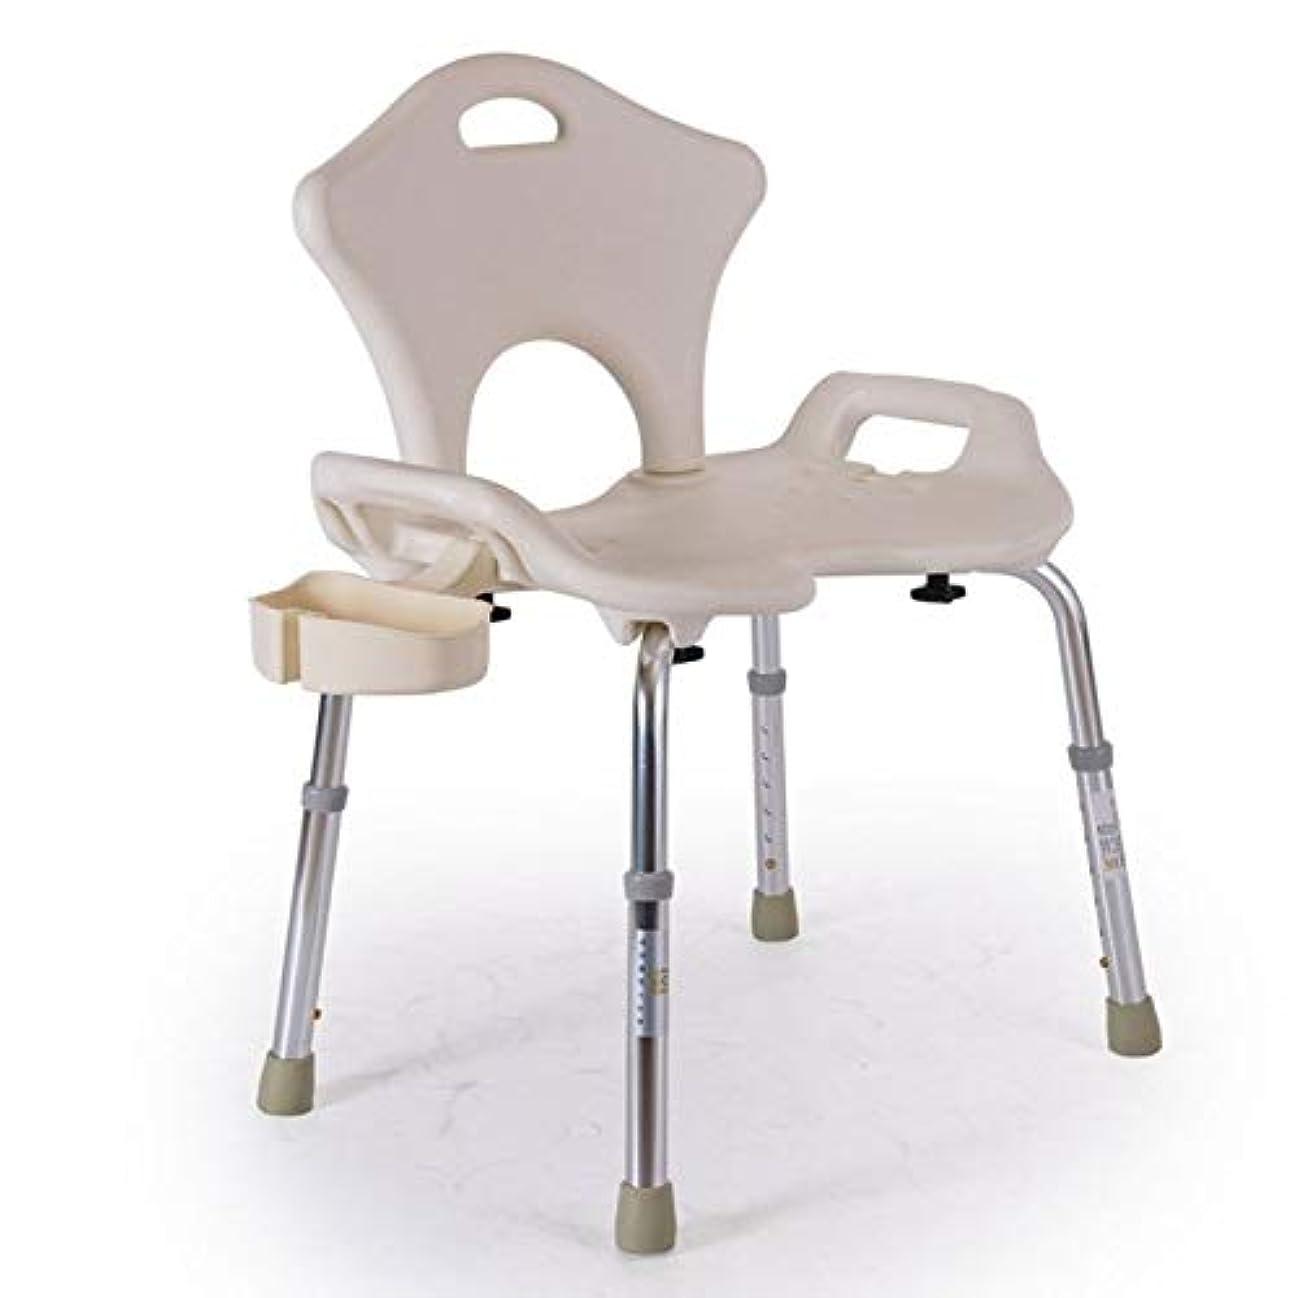 ハドル選挙欠点浴室の椅子、アルミニウム合金の折り畳み式滑り止め風呂椅子